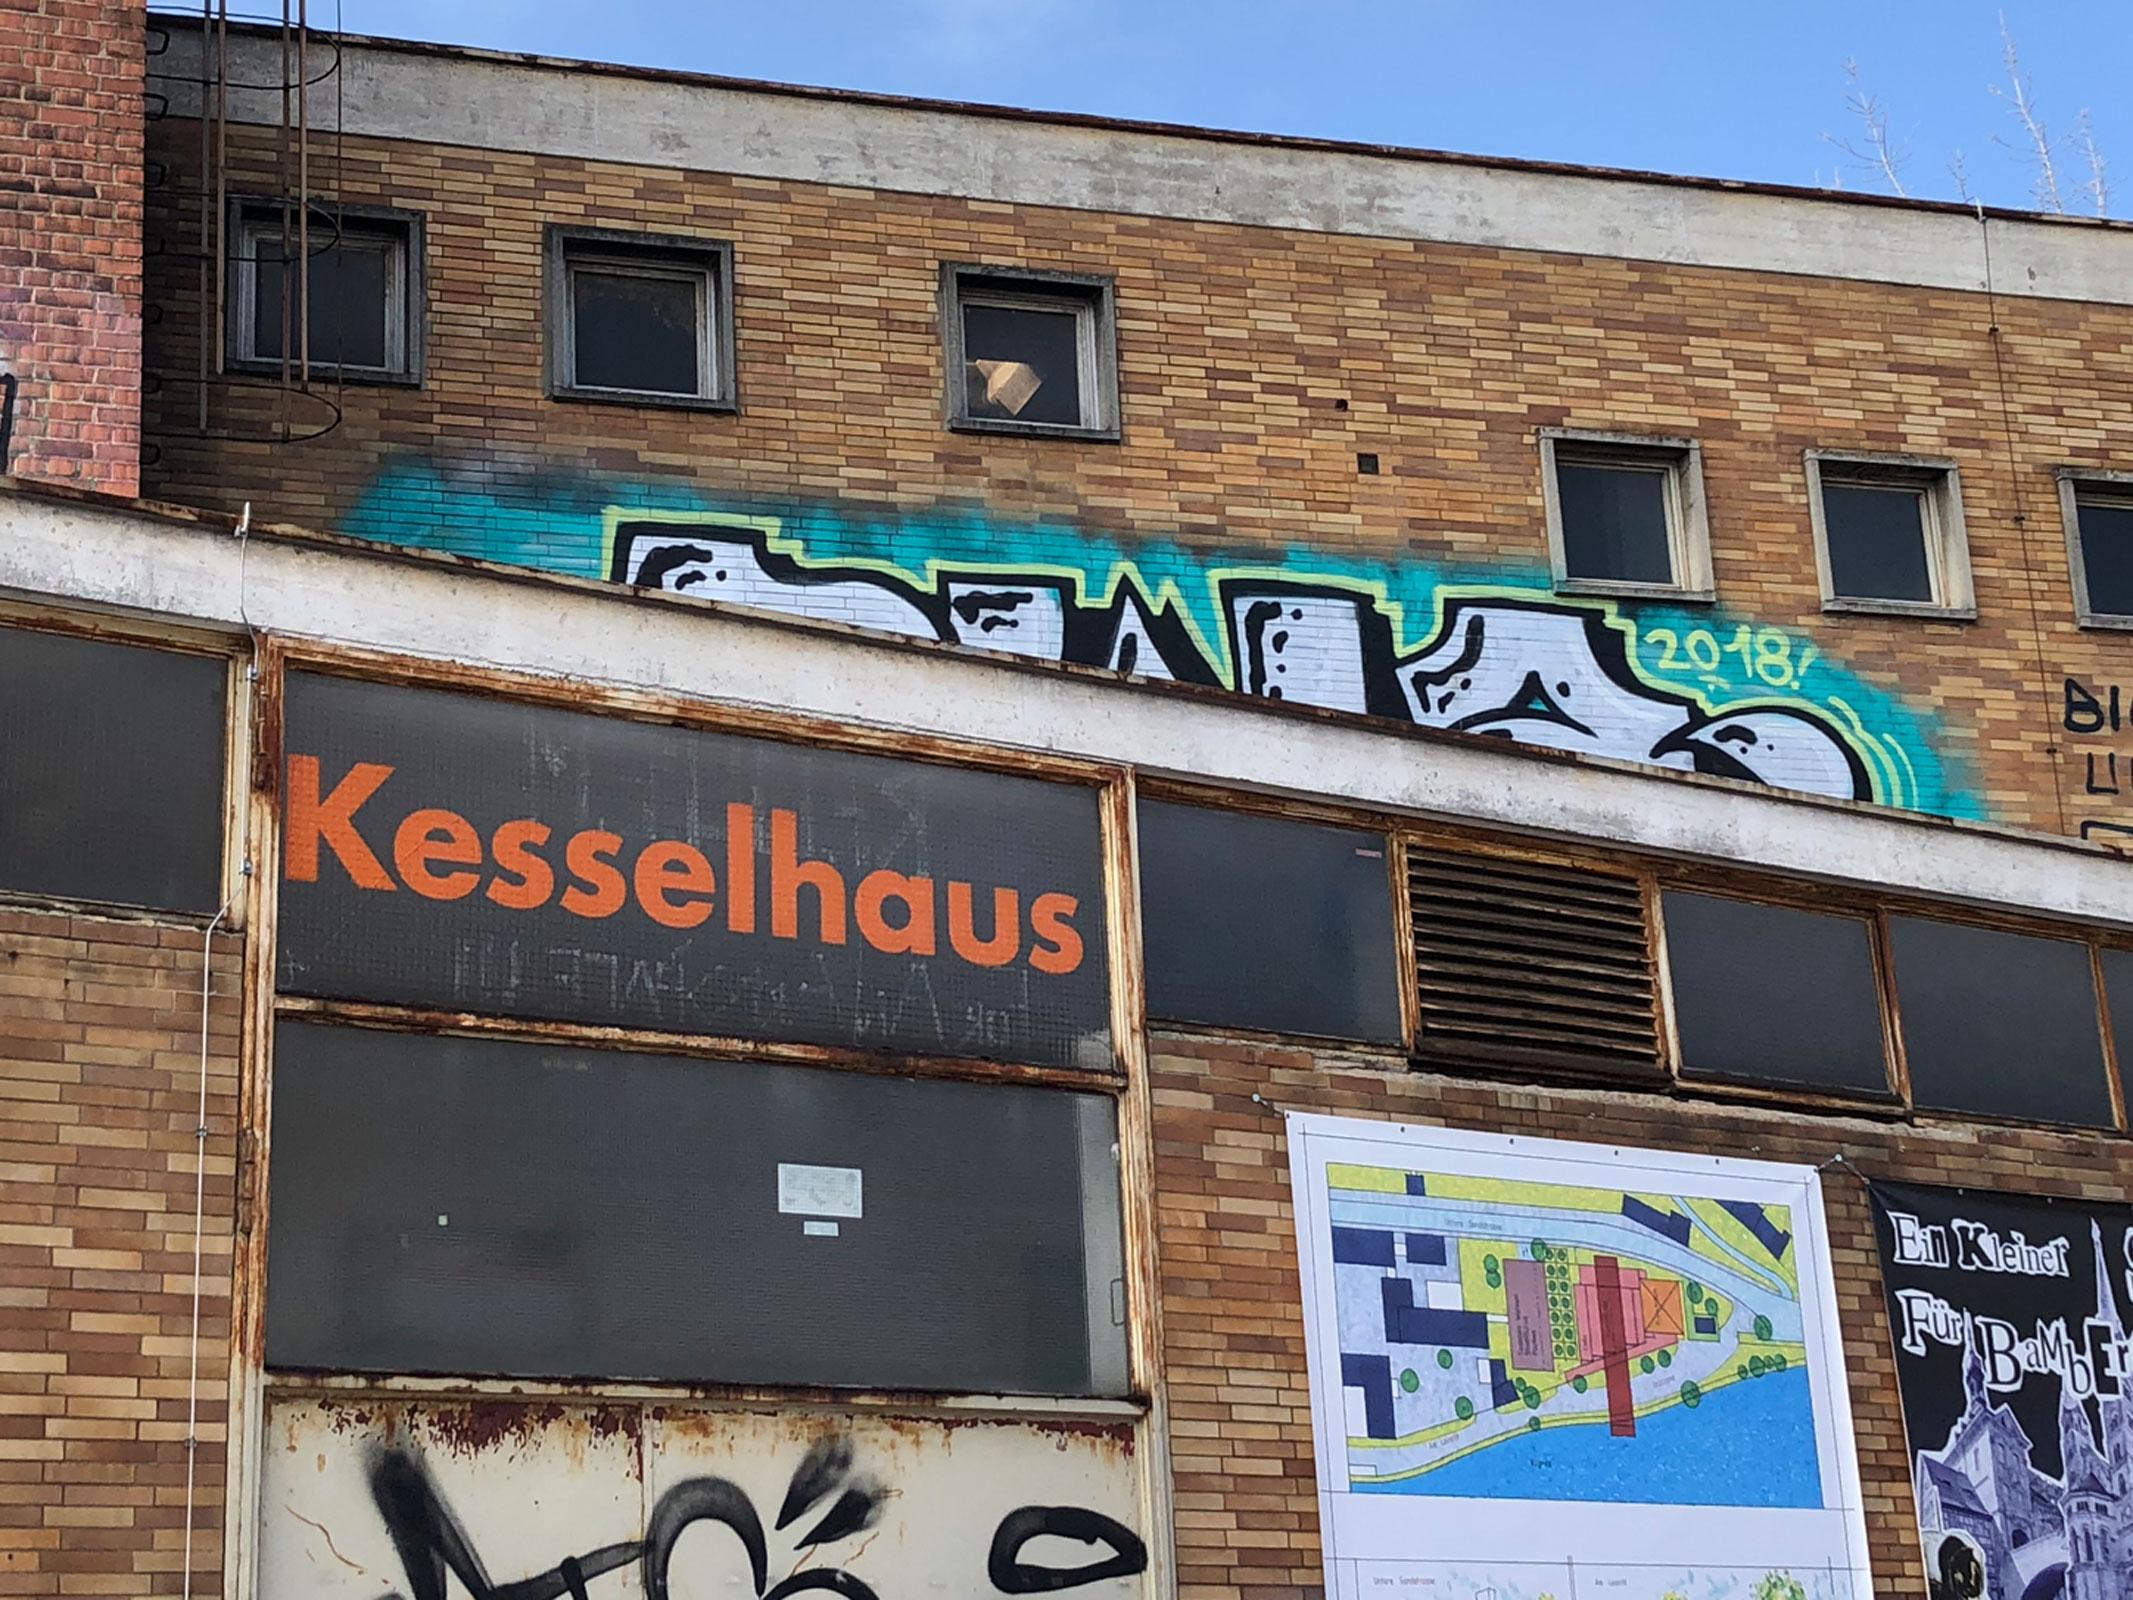 Außenansicht des Kesselhauses in Bamberg